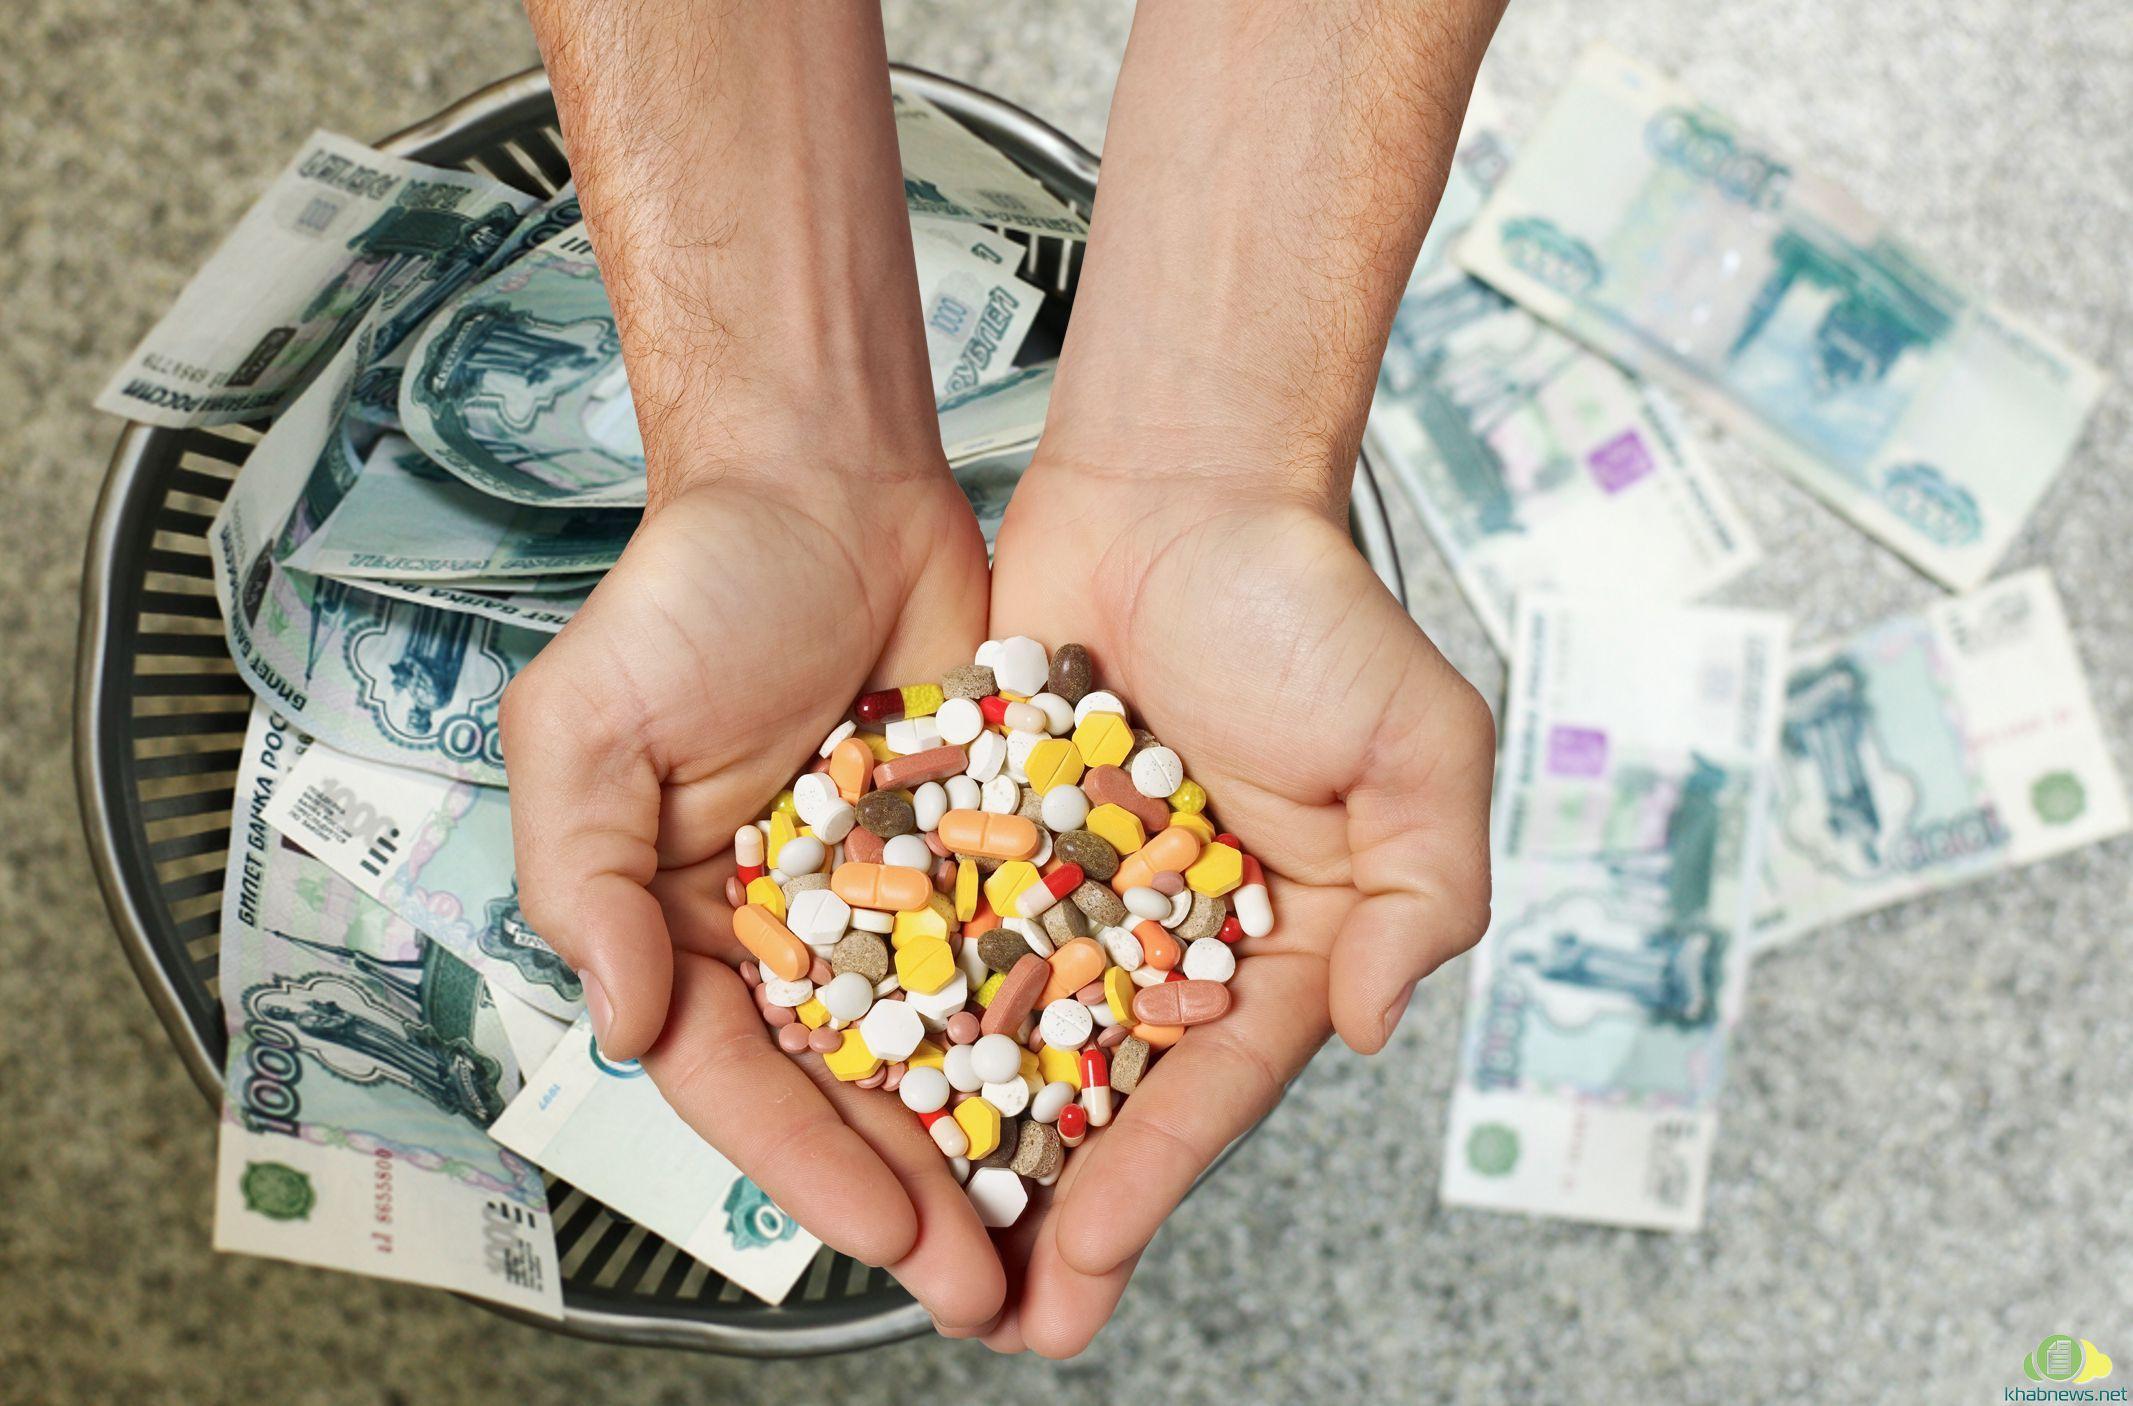 Отказ от соцпакета по инвалидности: можно ли отказаться от льгот на лекарства инвалиду 2 и 3 группы